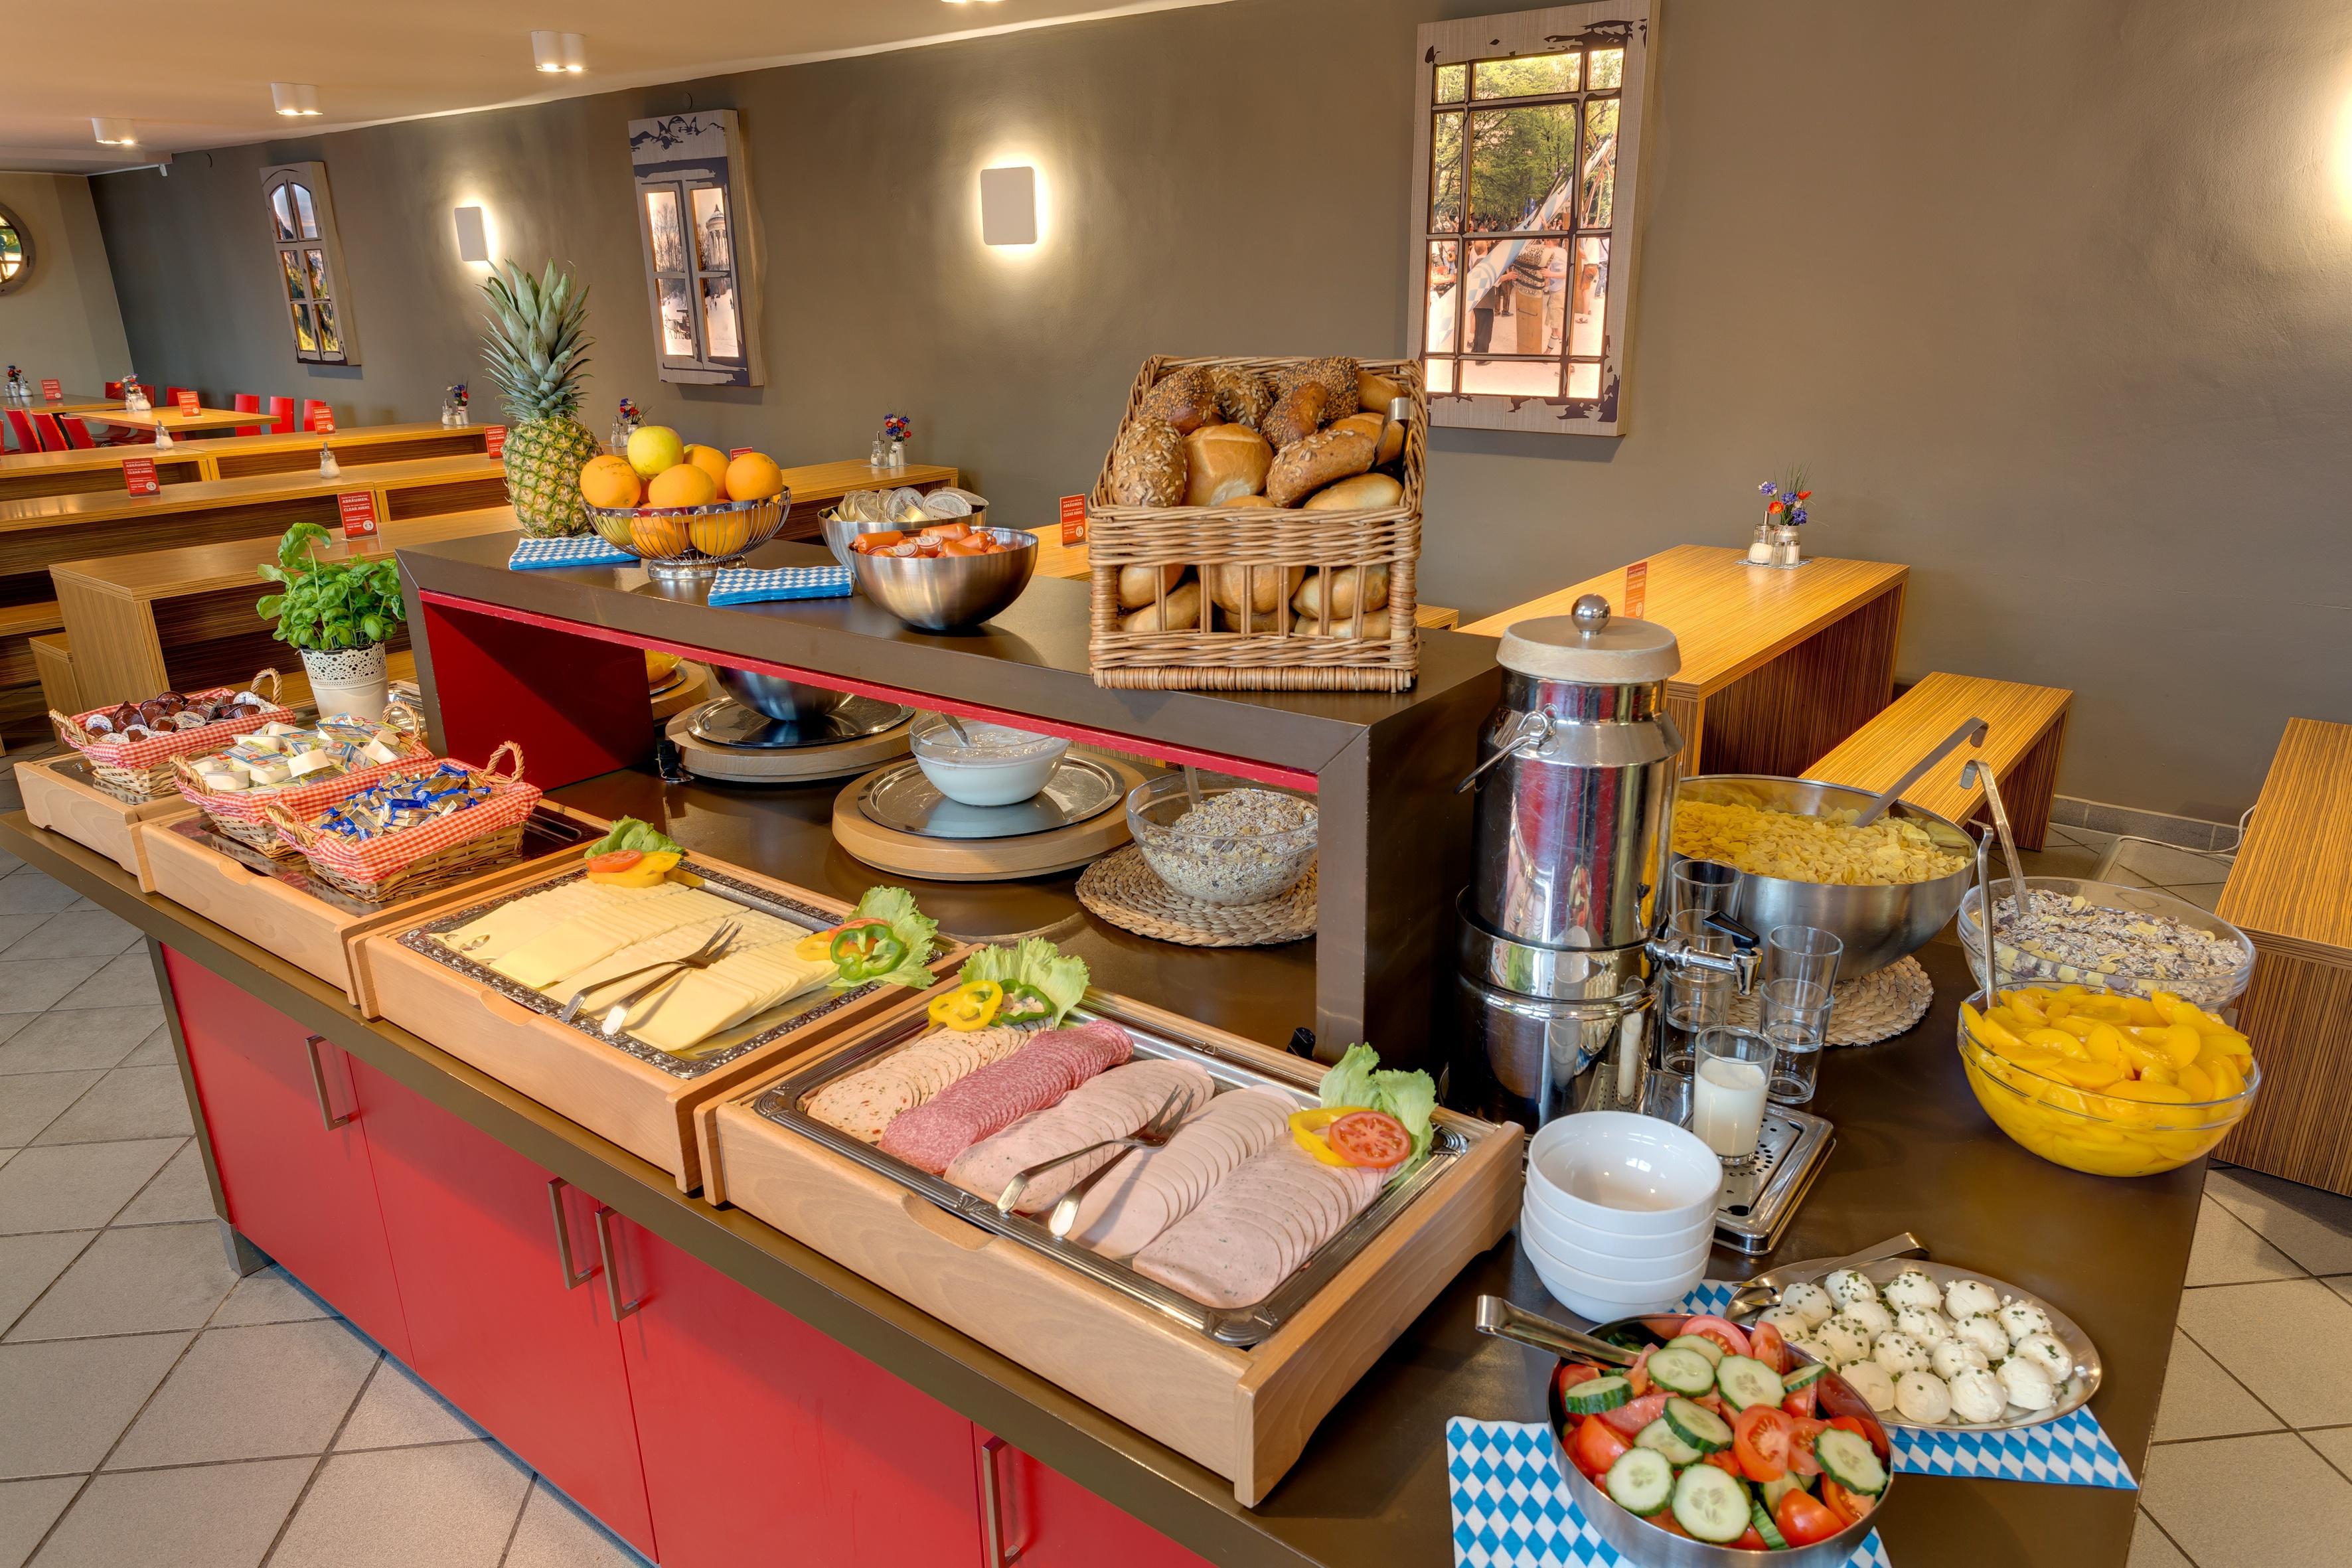 MEININGER Hotel Munich City Center - Sala de desayuno / Buffet